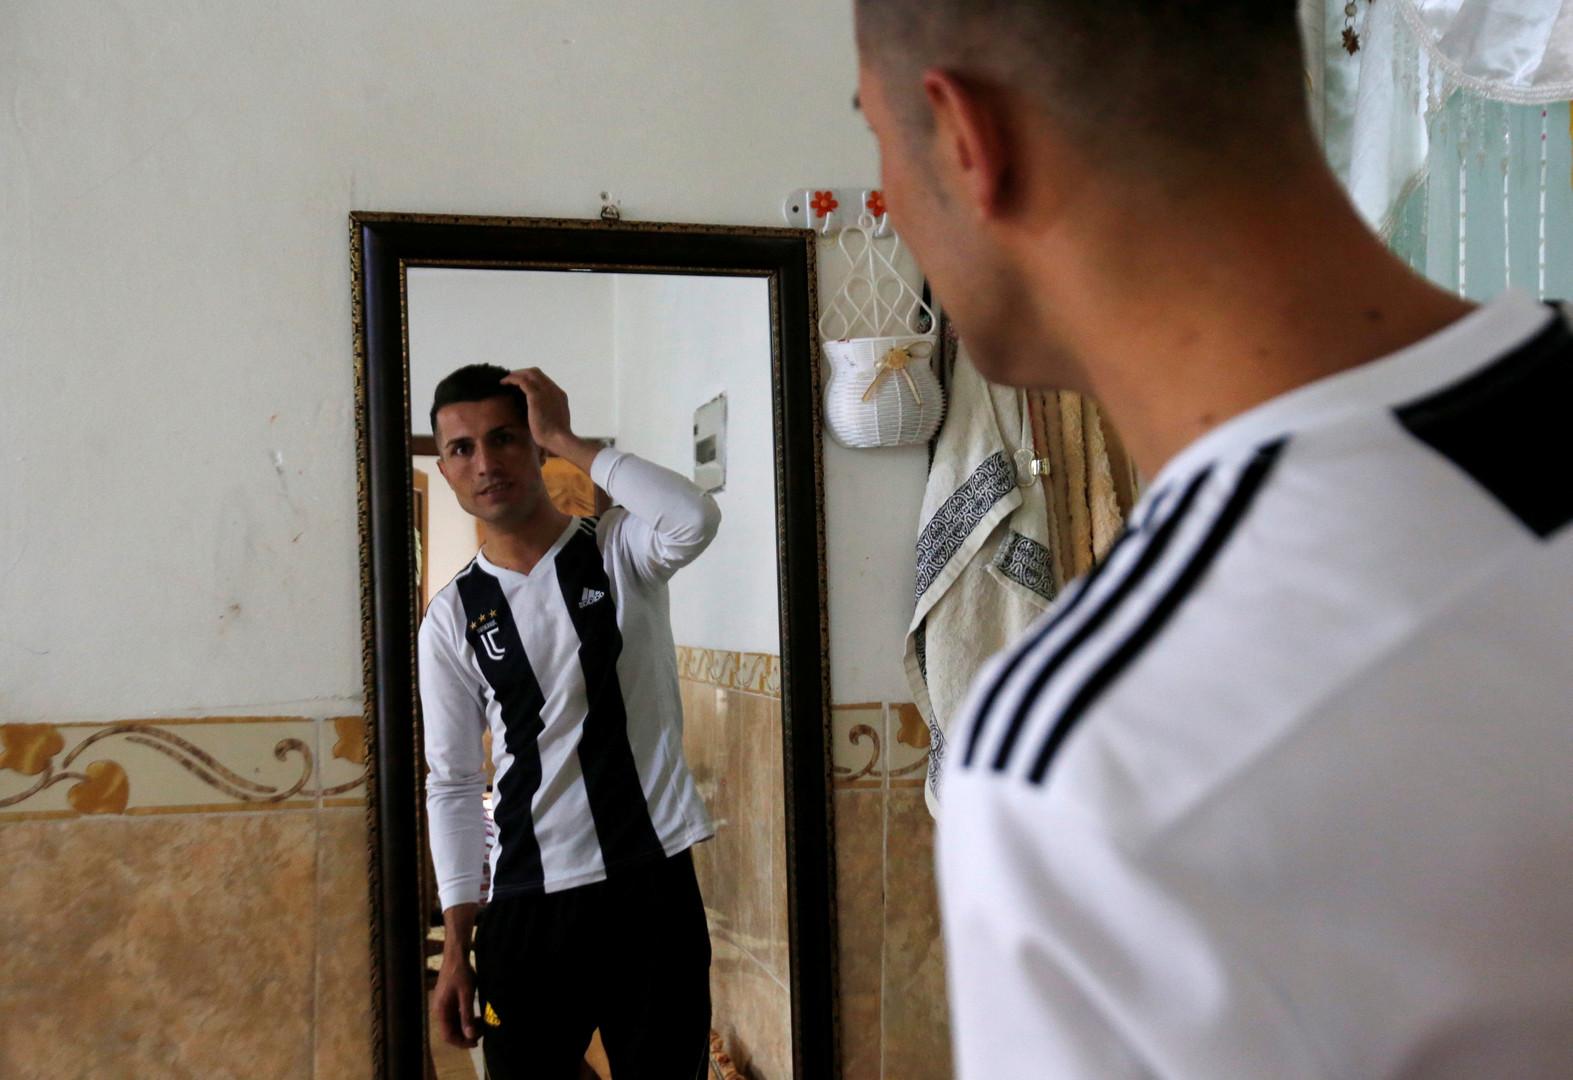 Cristiano Ronaldo ist nicht einmalig: Im Irak lebt sein Doppelgänger